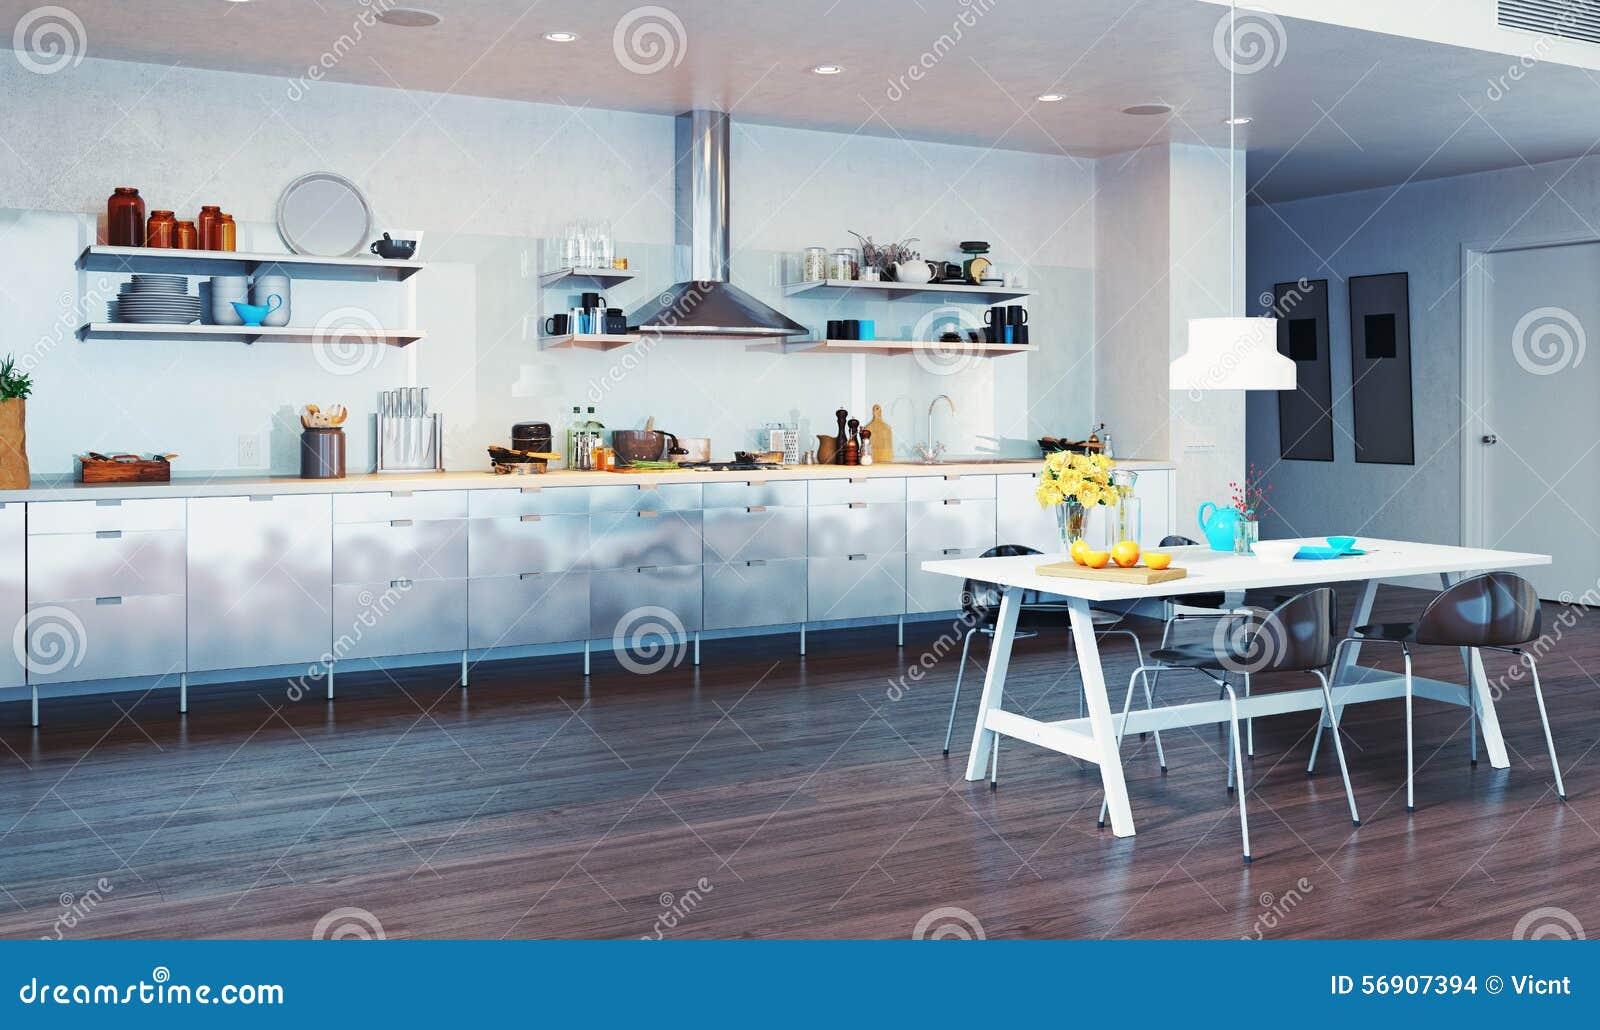 Modern Kitchen Interior Stock Illustration Image 56907394